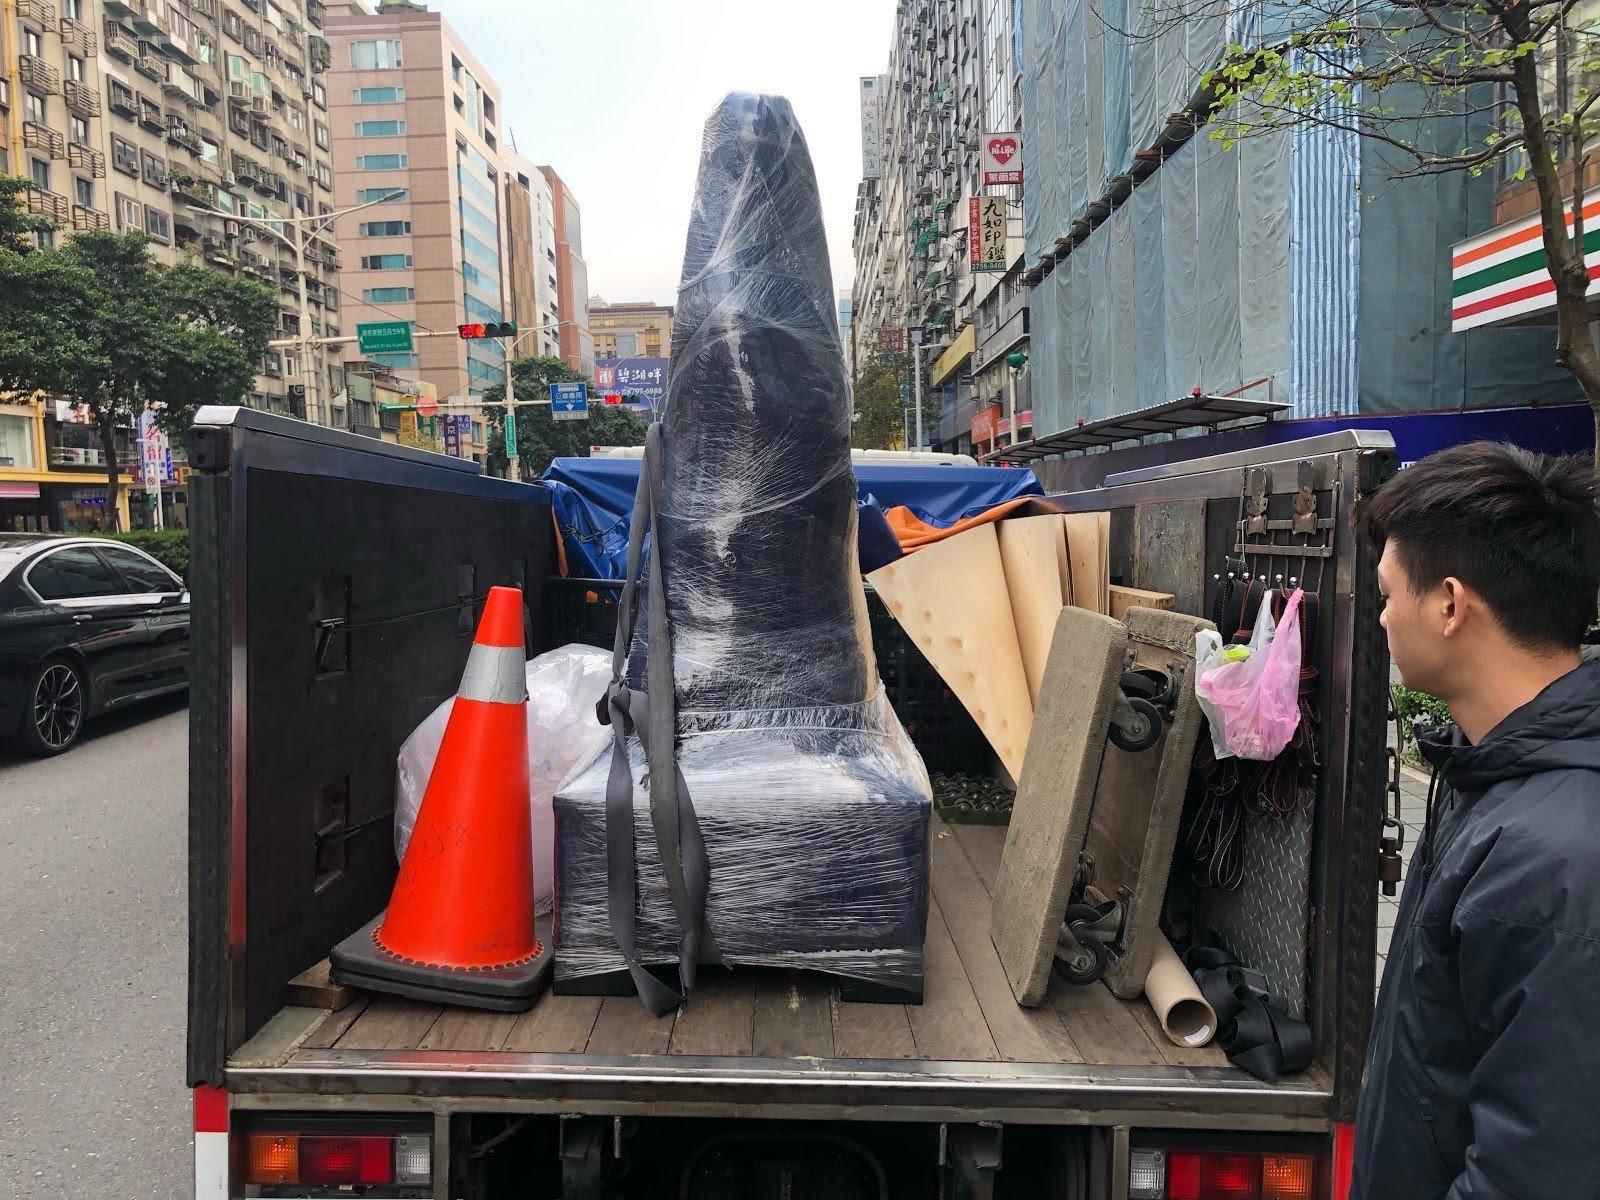 搬家公司推薦【榮福搬家】重物搬運、搬玉石、搬水晶洞、搬石頭給您最有品質、最安全的搬運服務、搬重機、搬哈雷重機車